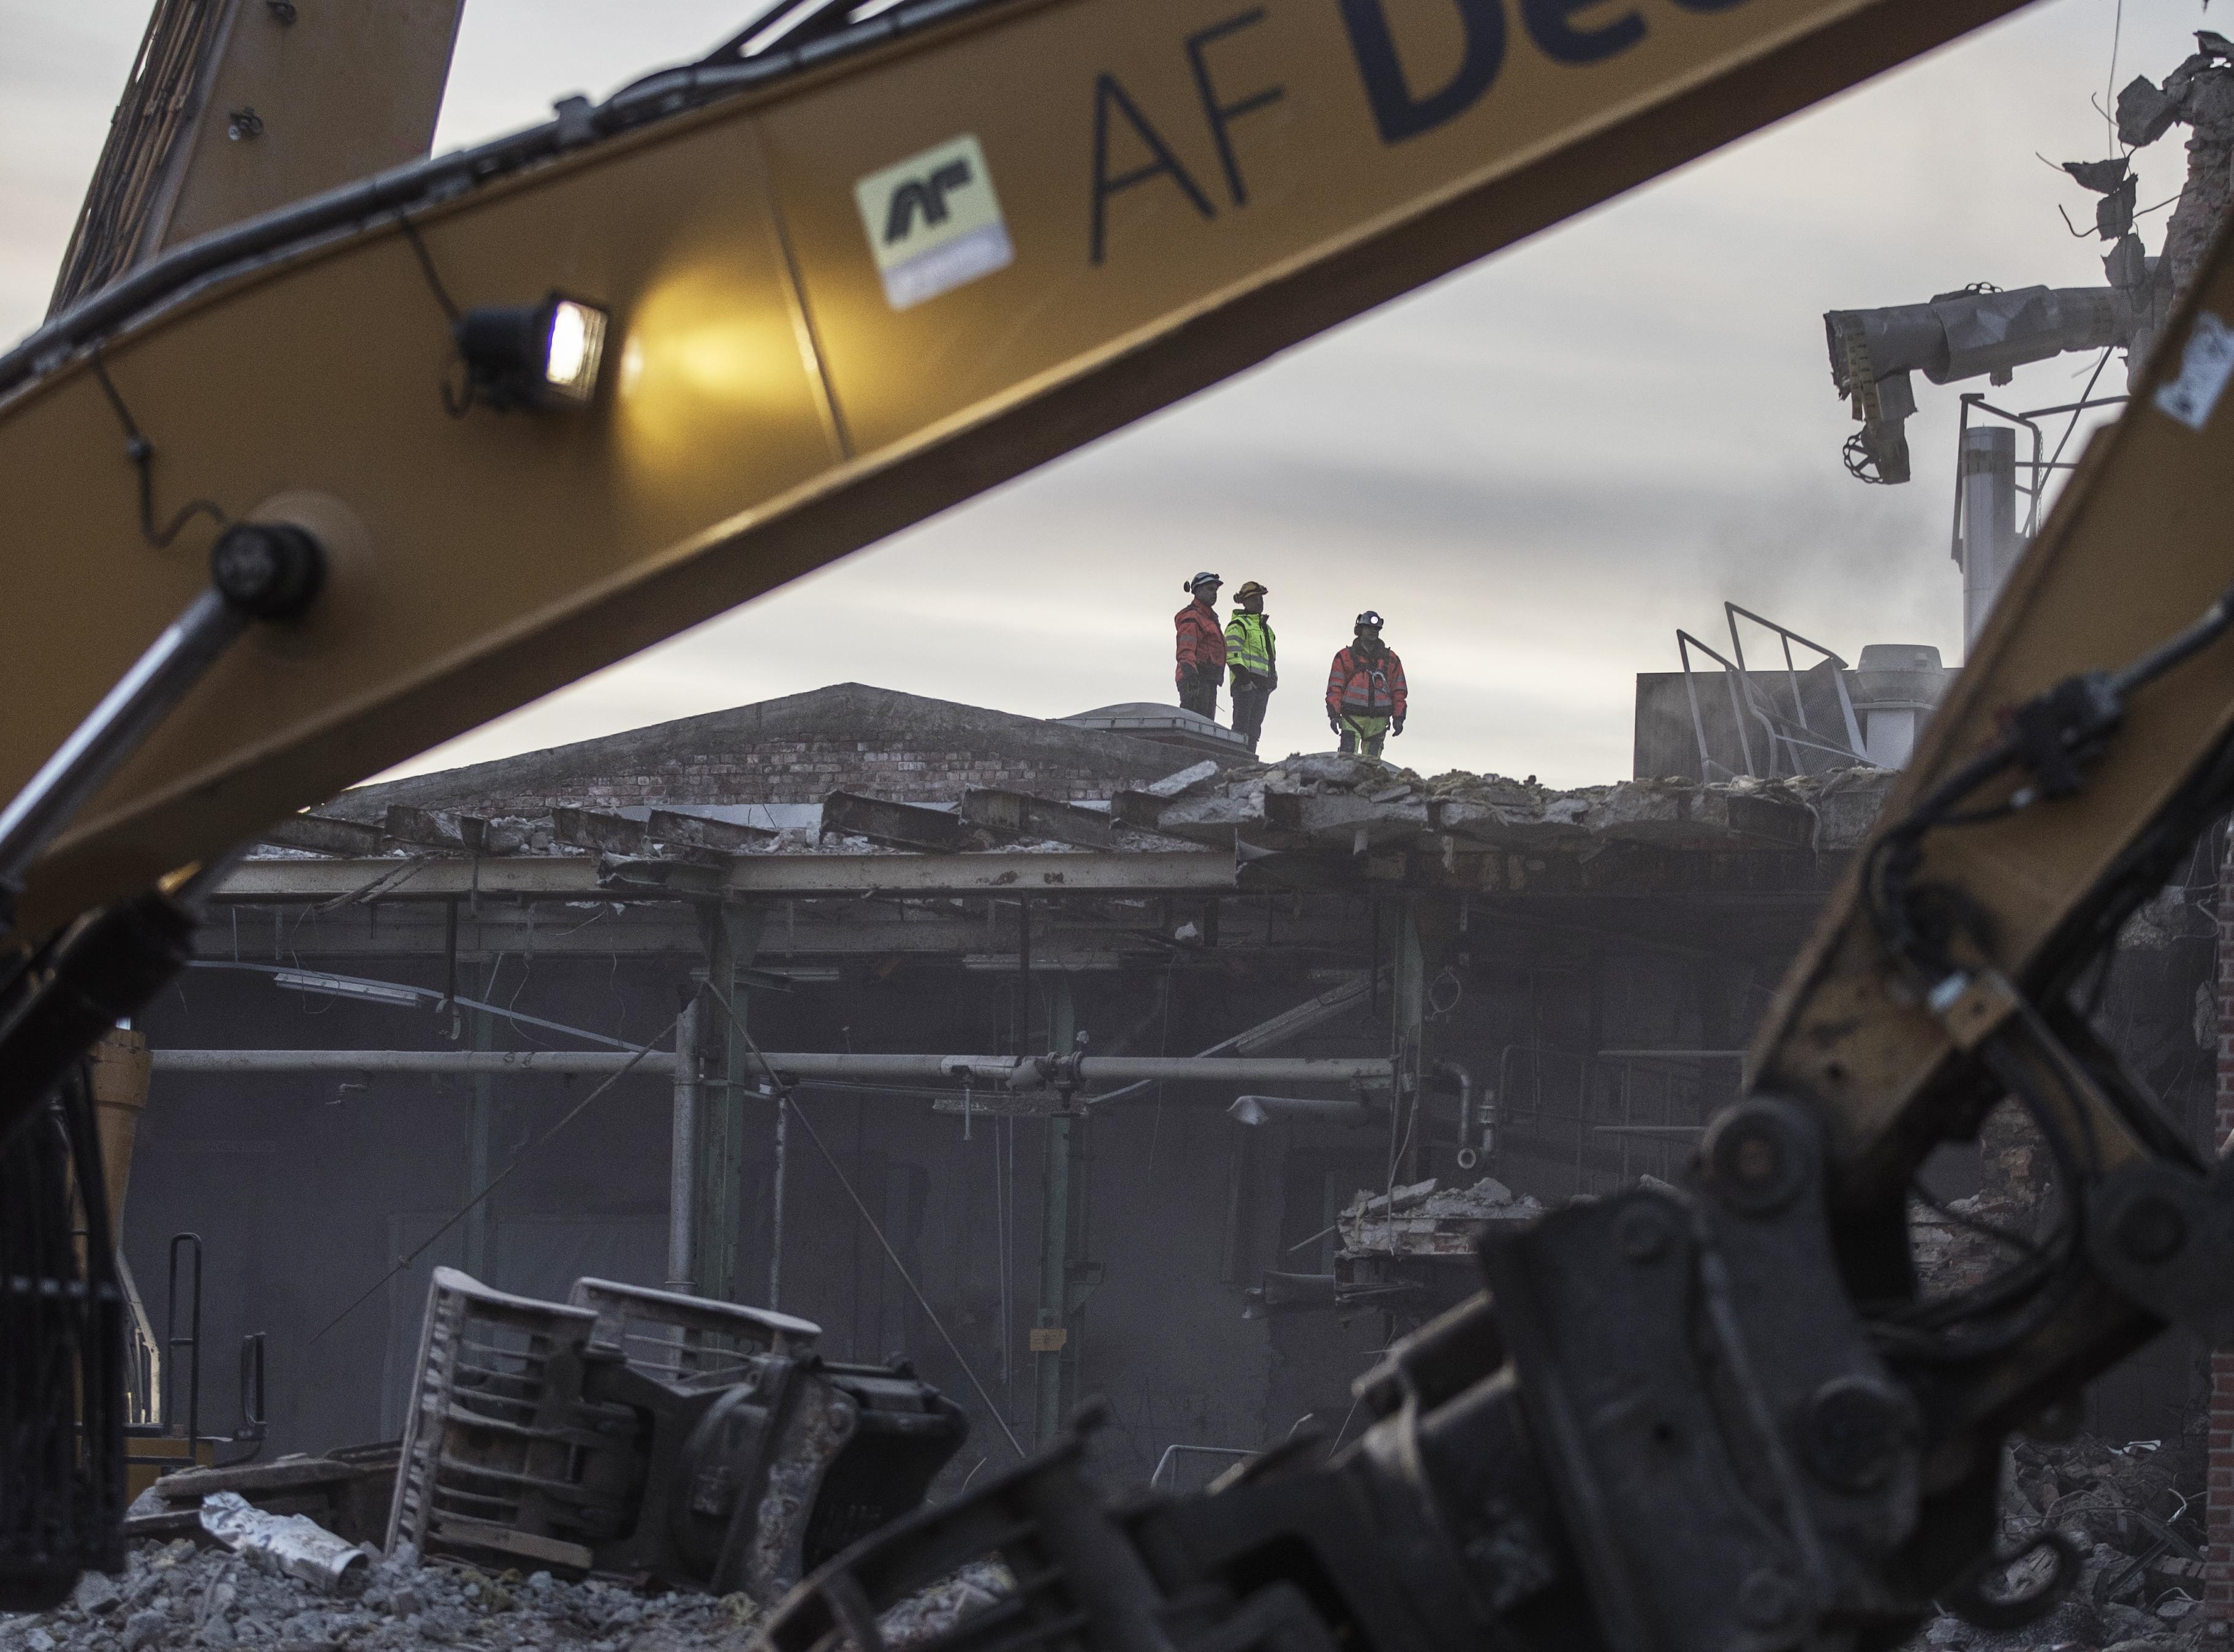 AF Miljö Decom vid Peterson fabriker i Moss, Norge. Foto: AF Gruppen / Thomas Haugersveen